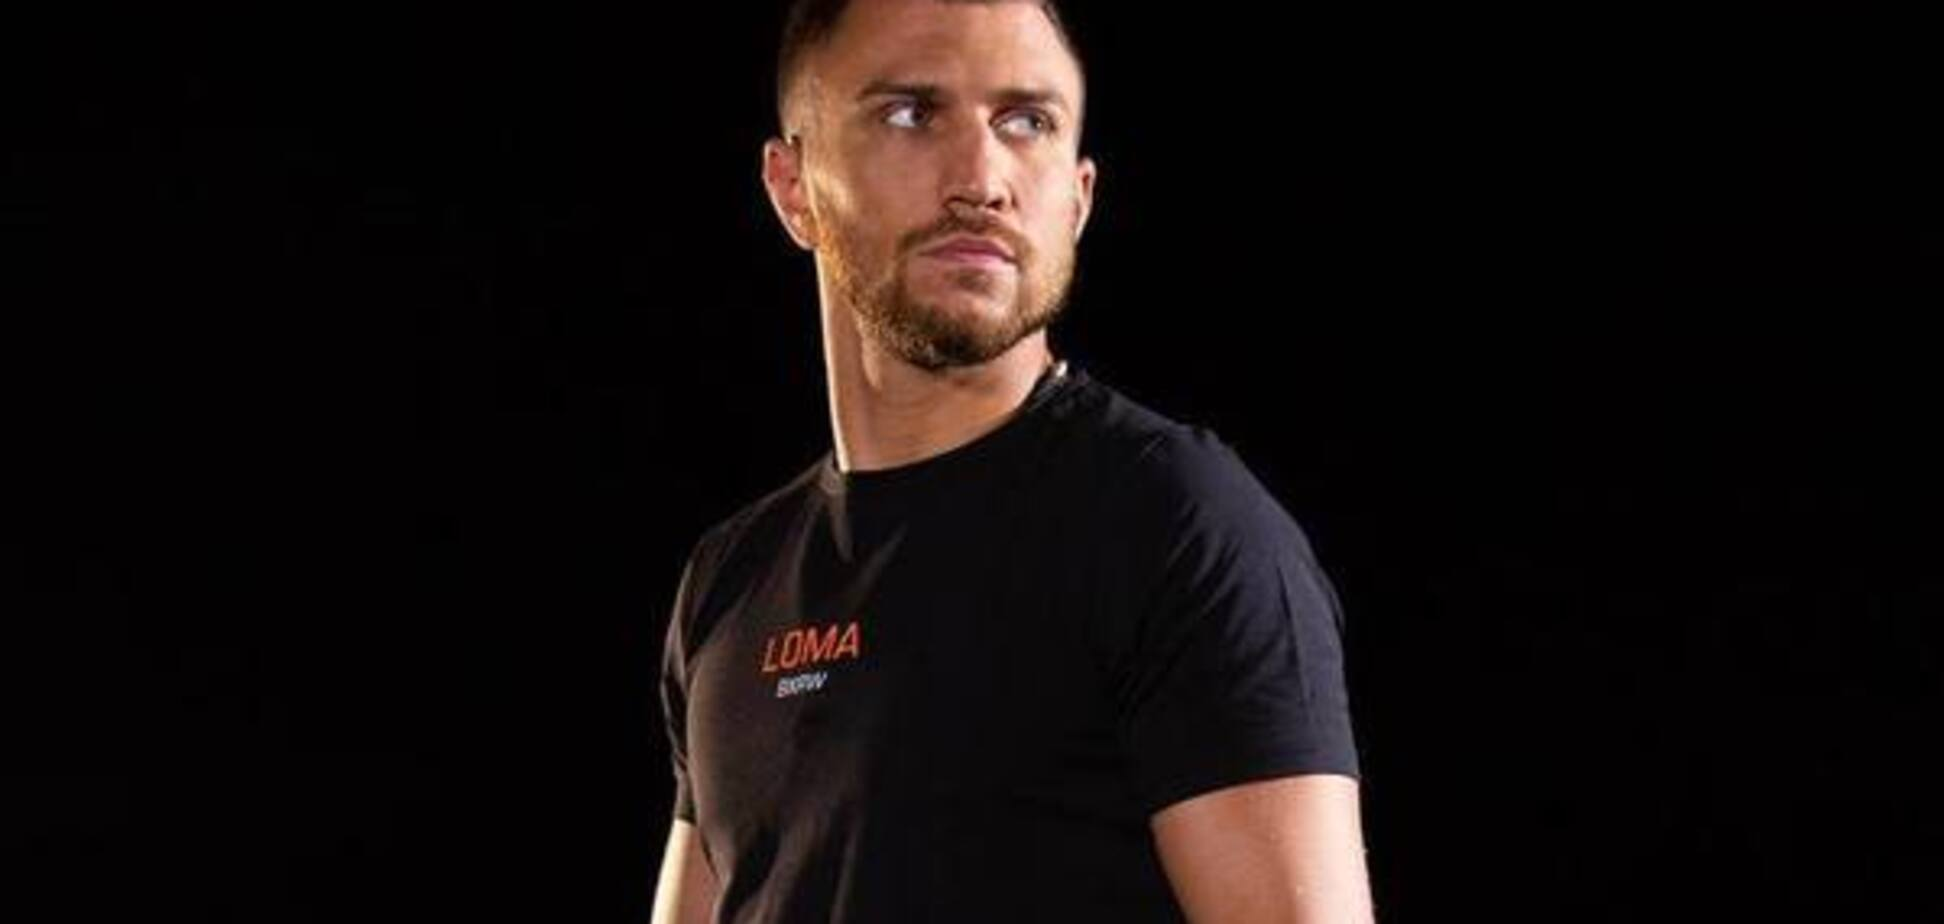 Поза конкуренцією: Ломаченко визнаний найкращим боксером світу